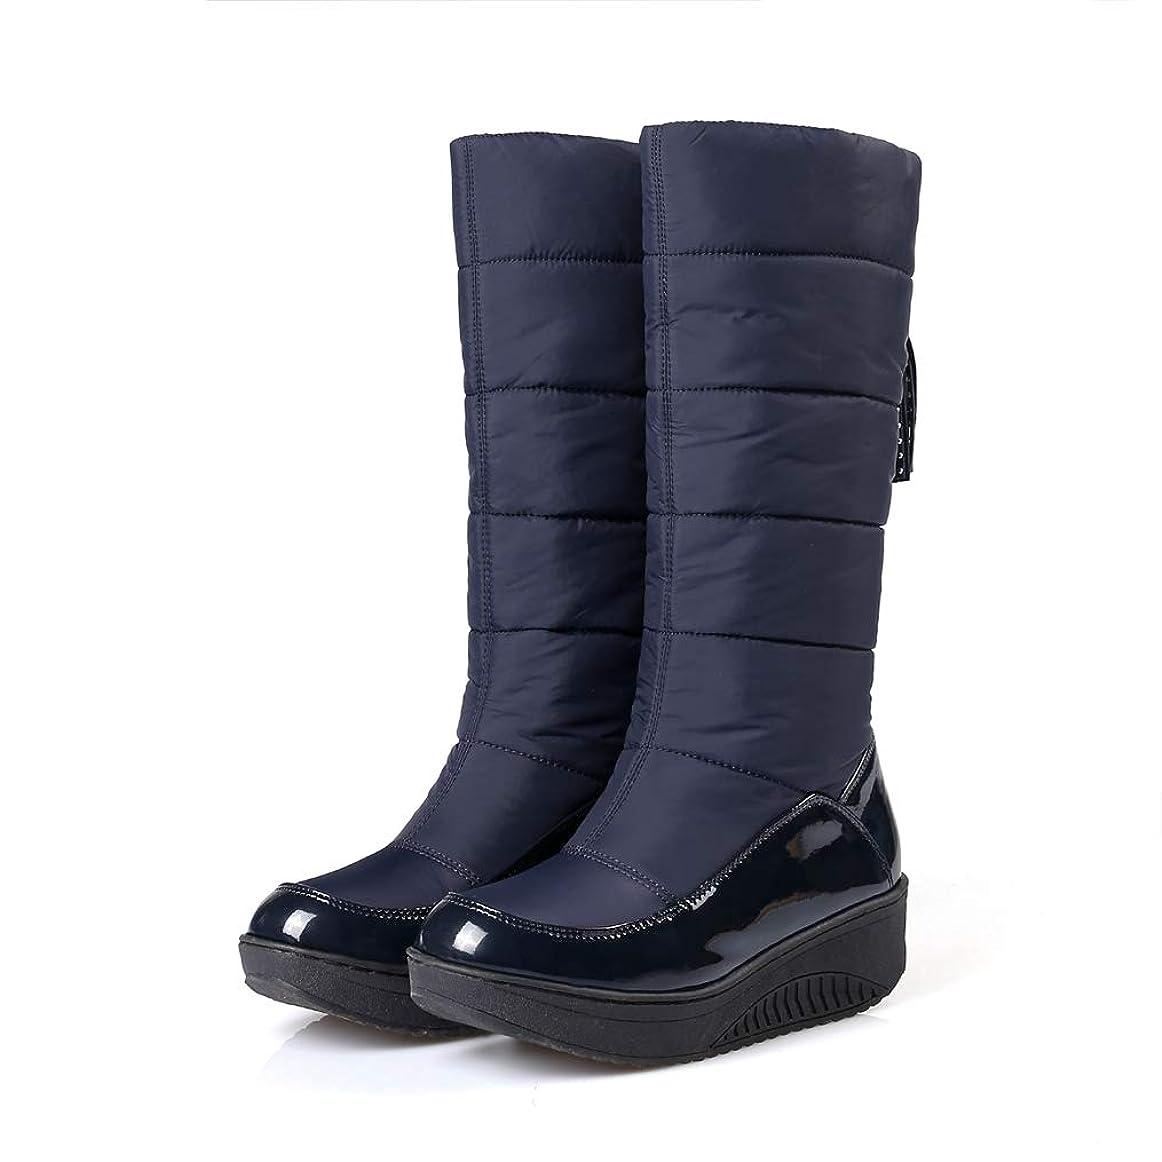 頼る裏切り無線[SENNIAN] ロングブーツ レディース ウェッジヒール ブーツ 黒 ハイヒール ギフト 疲れない カジュアル シンプル サイドゴア 歩きやすいハロウィン キャバブーツ 厚底ブーツ 雪靴 登山靴 綿靴 おしゃれ レインブーツ